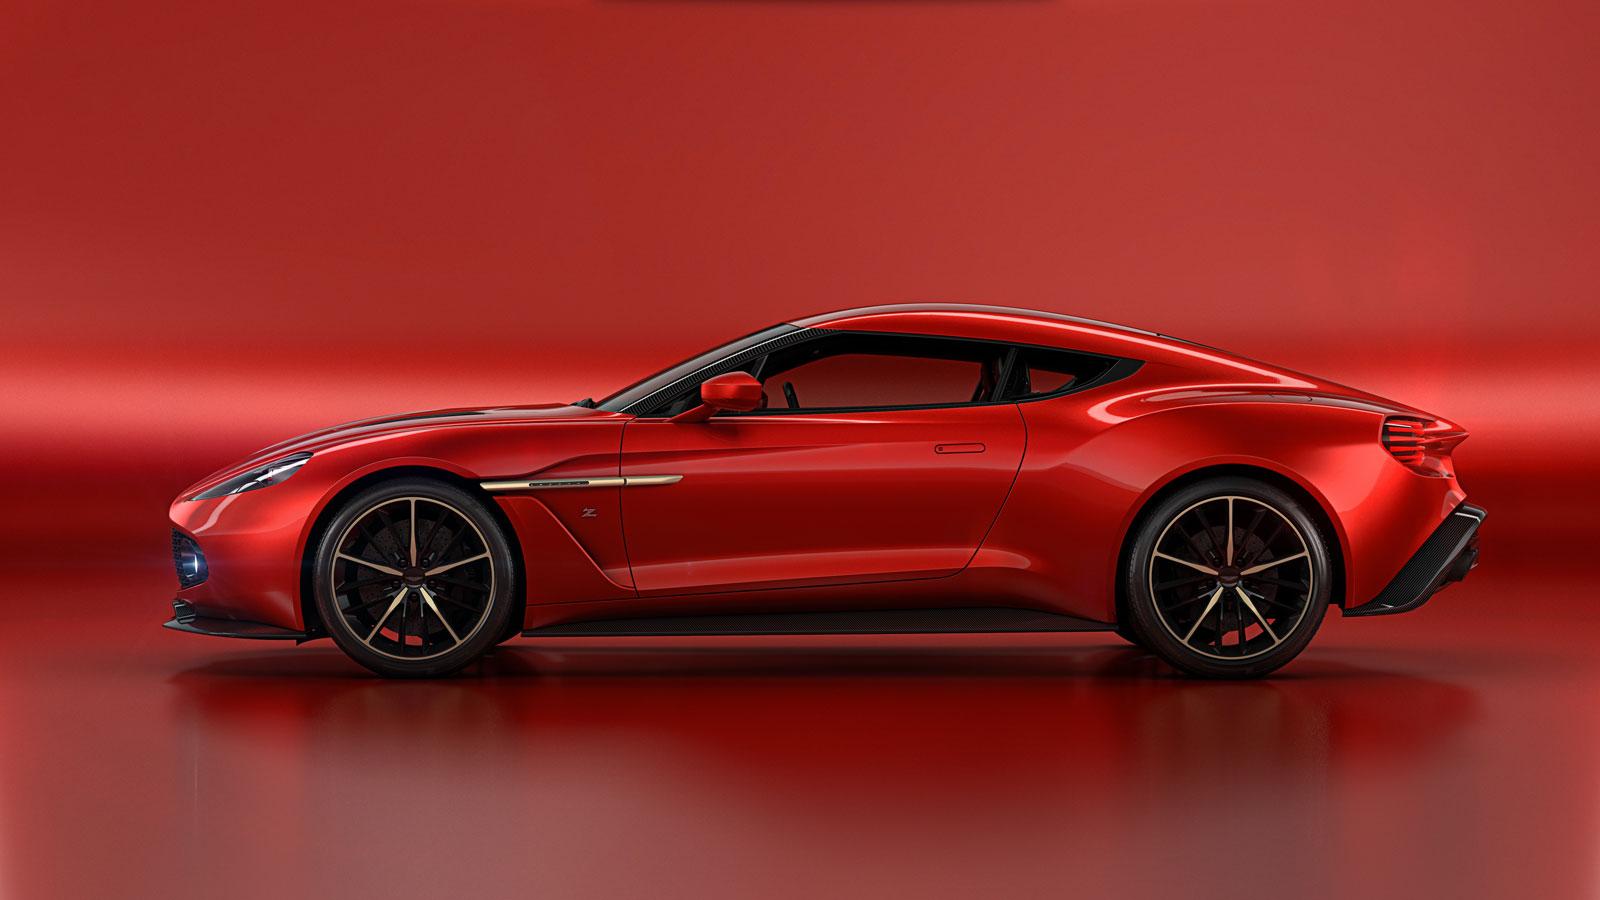 Aston Martin Vanquish Zagato Concept - Side View